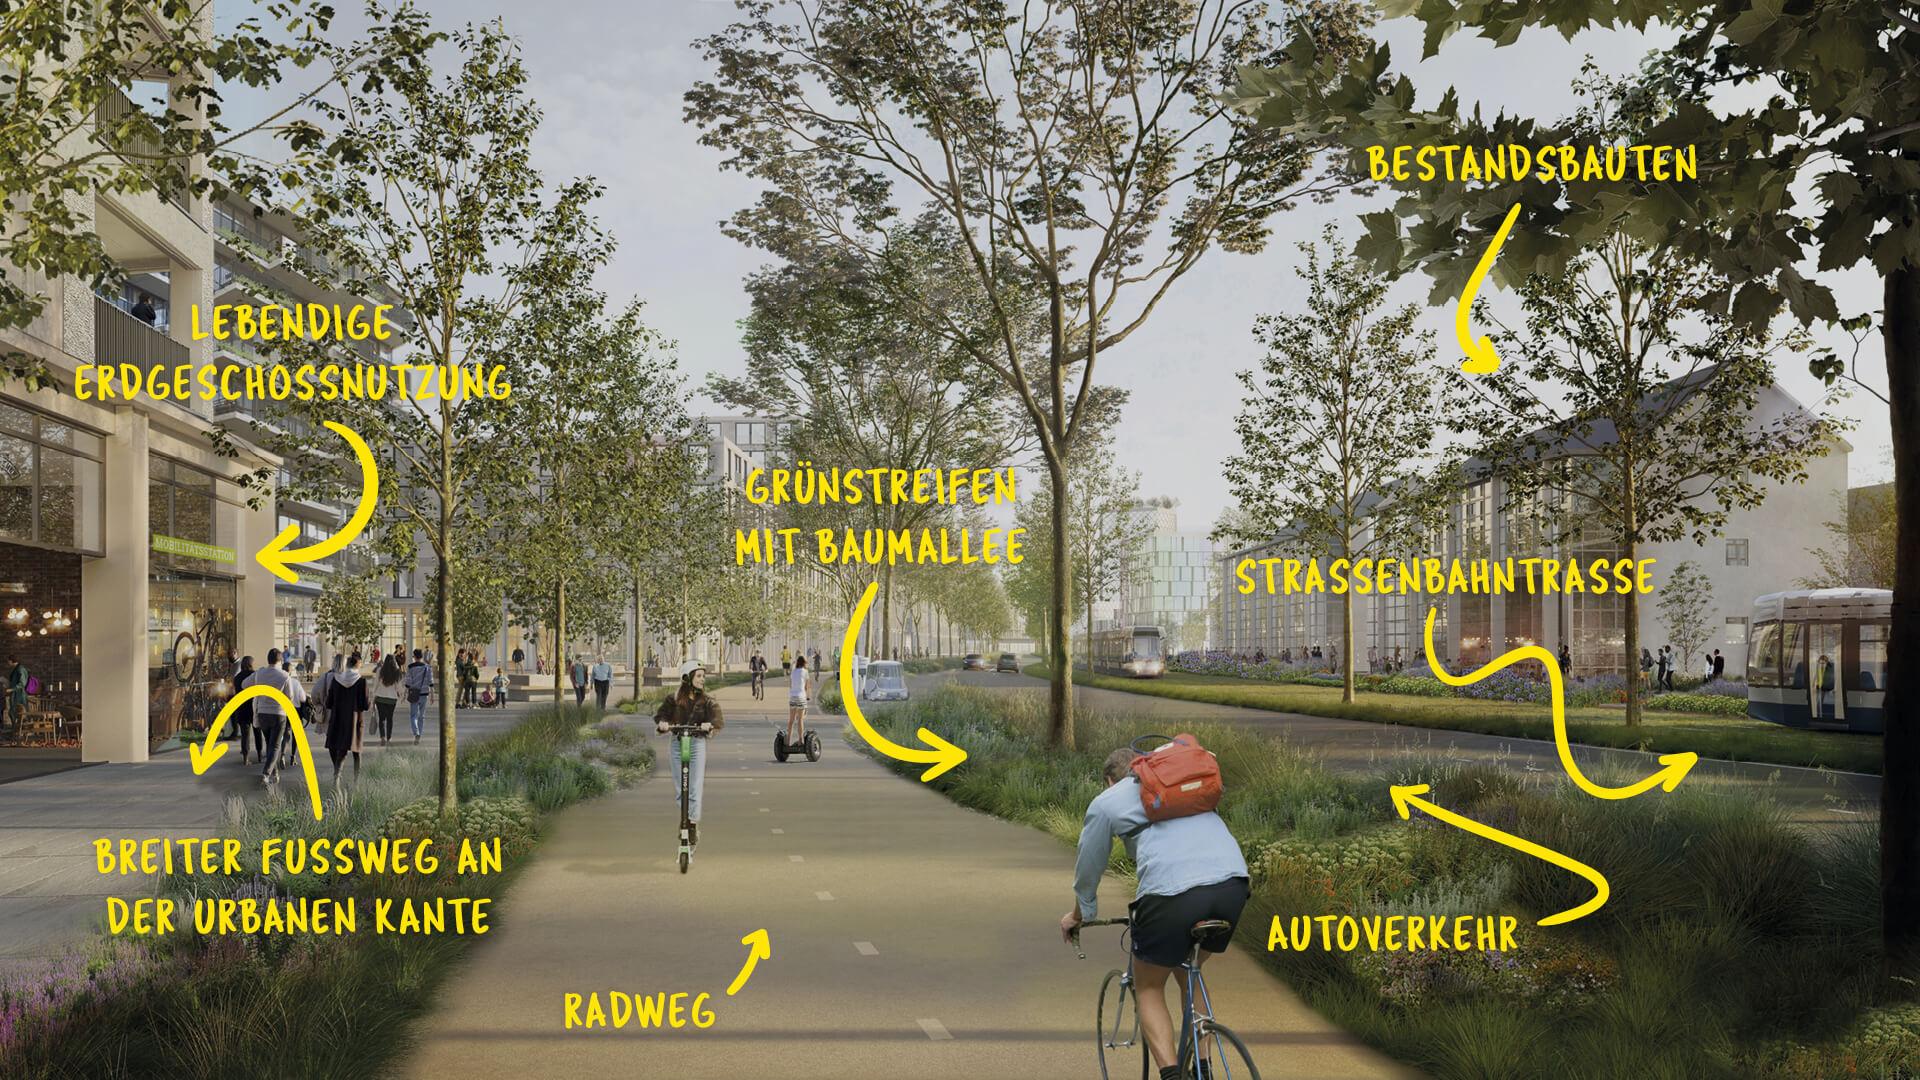 Der Parkway (Ringstraße) zeichnet sich durch einen breiten Fußweg an der urbanen Kante und eine gerechte Aufteilung des Verkehrsraumes aus. © KCAP